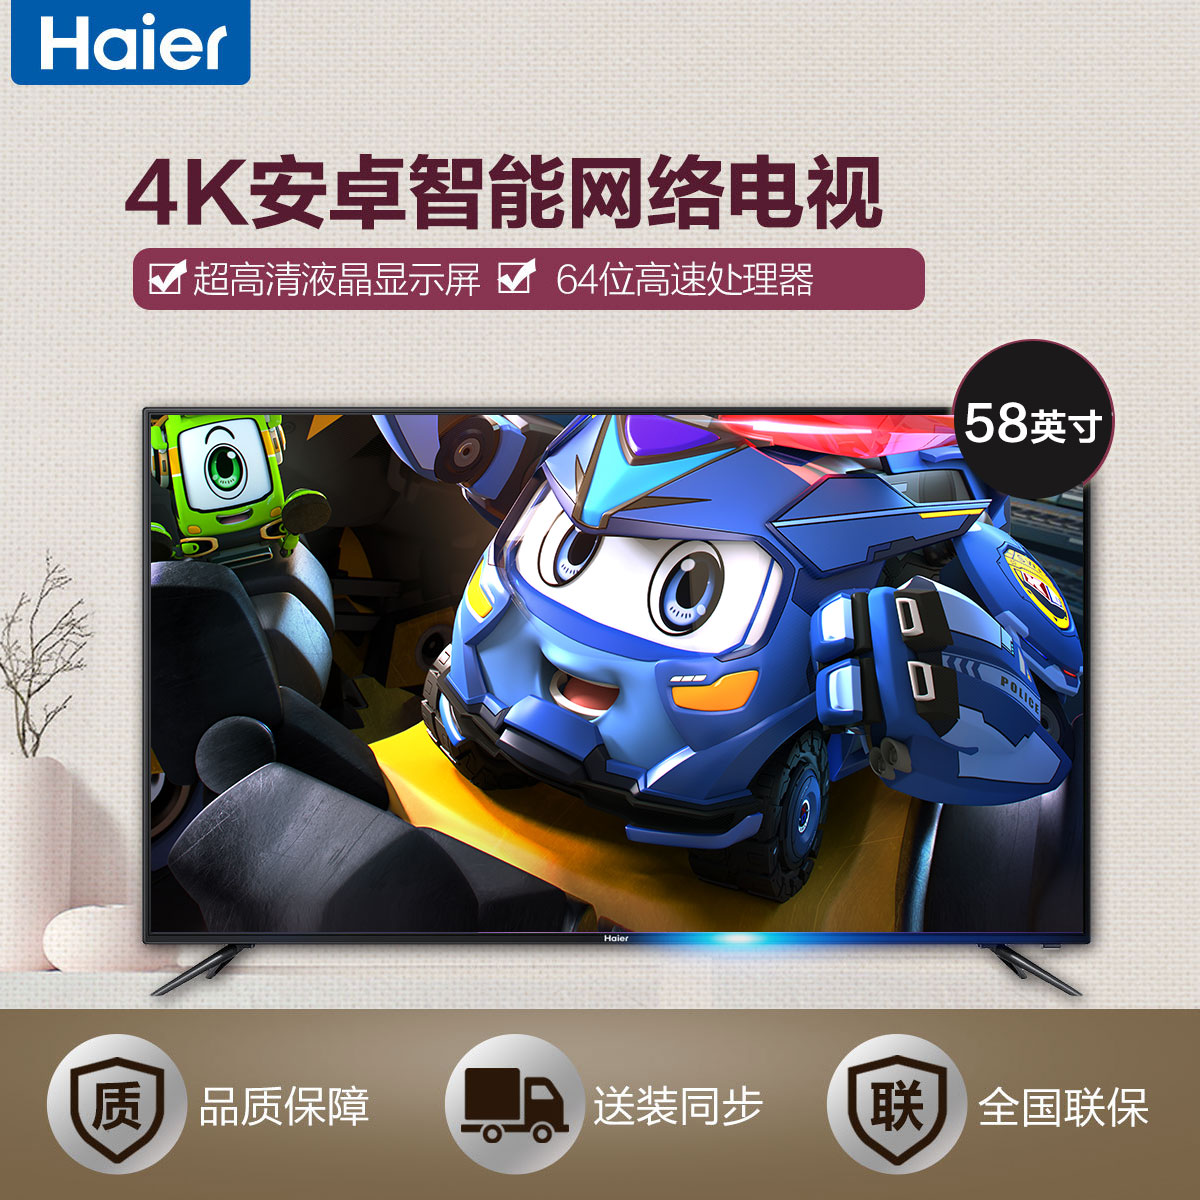 58英寸4K安卓智能网络电视,采用UHD超高清液晶显示屏,64位高速处理器,安卓智能操作系统,丰富优酷资源,立体声音频系统。 LS58A51